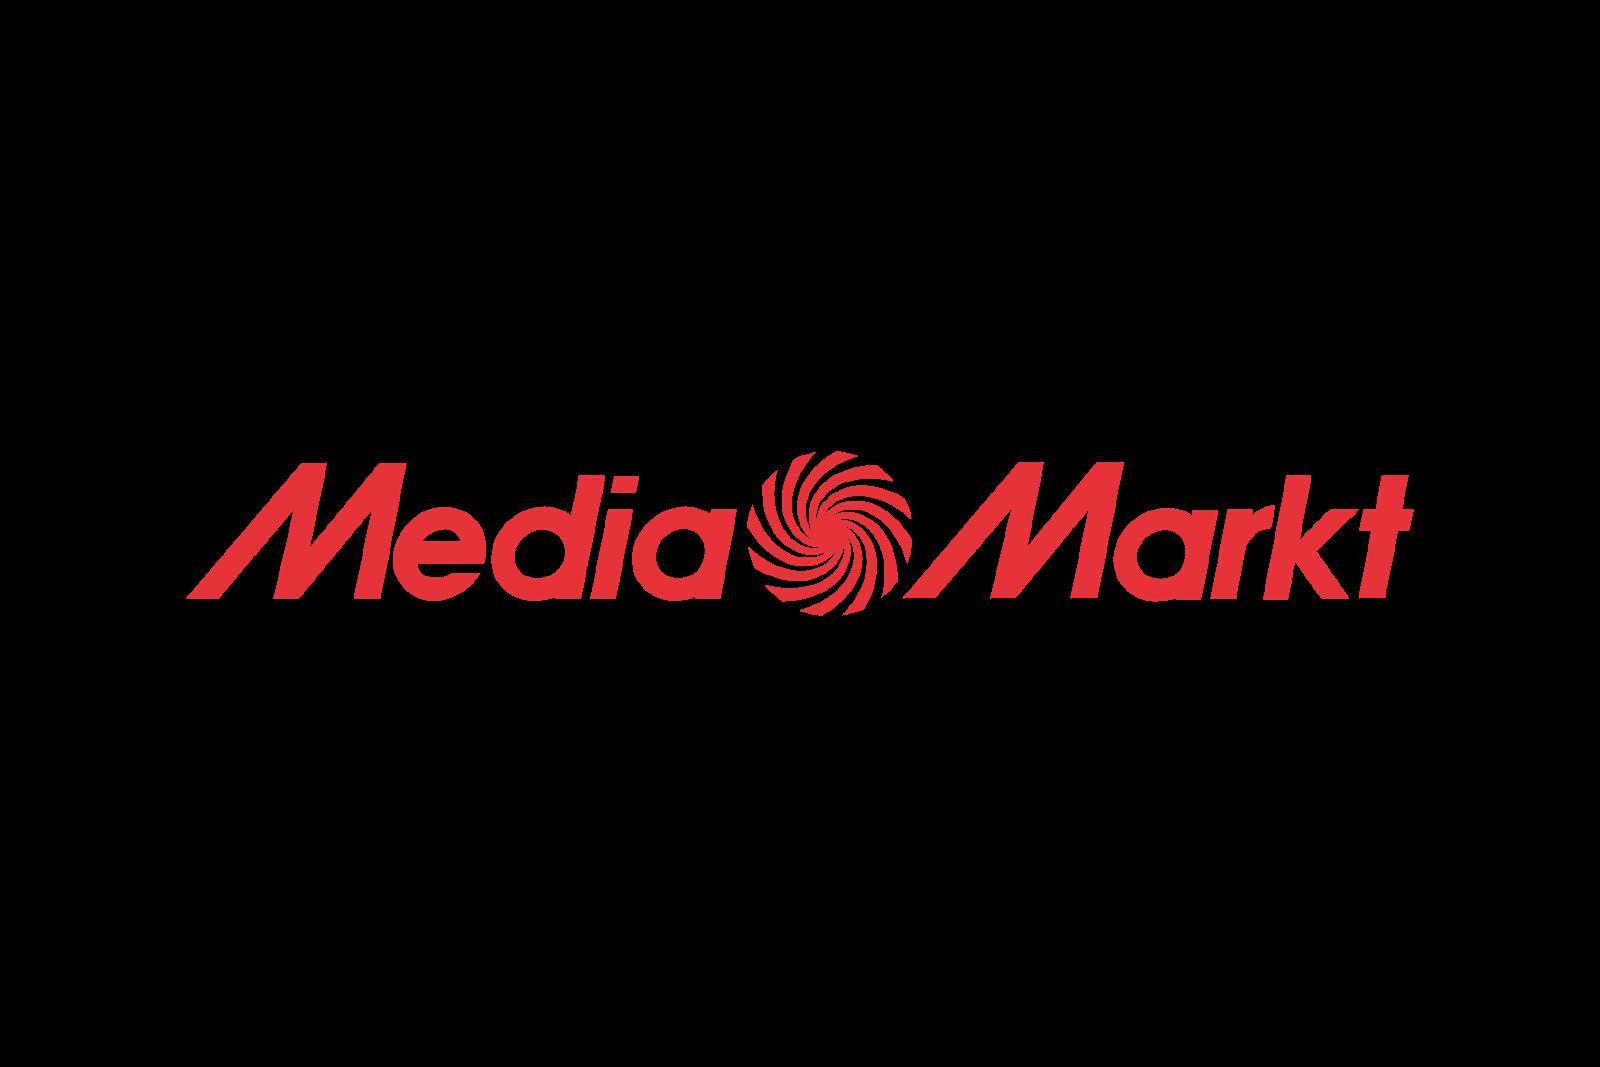 Media Markt Logo Wallpaper